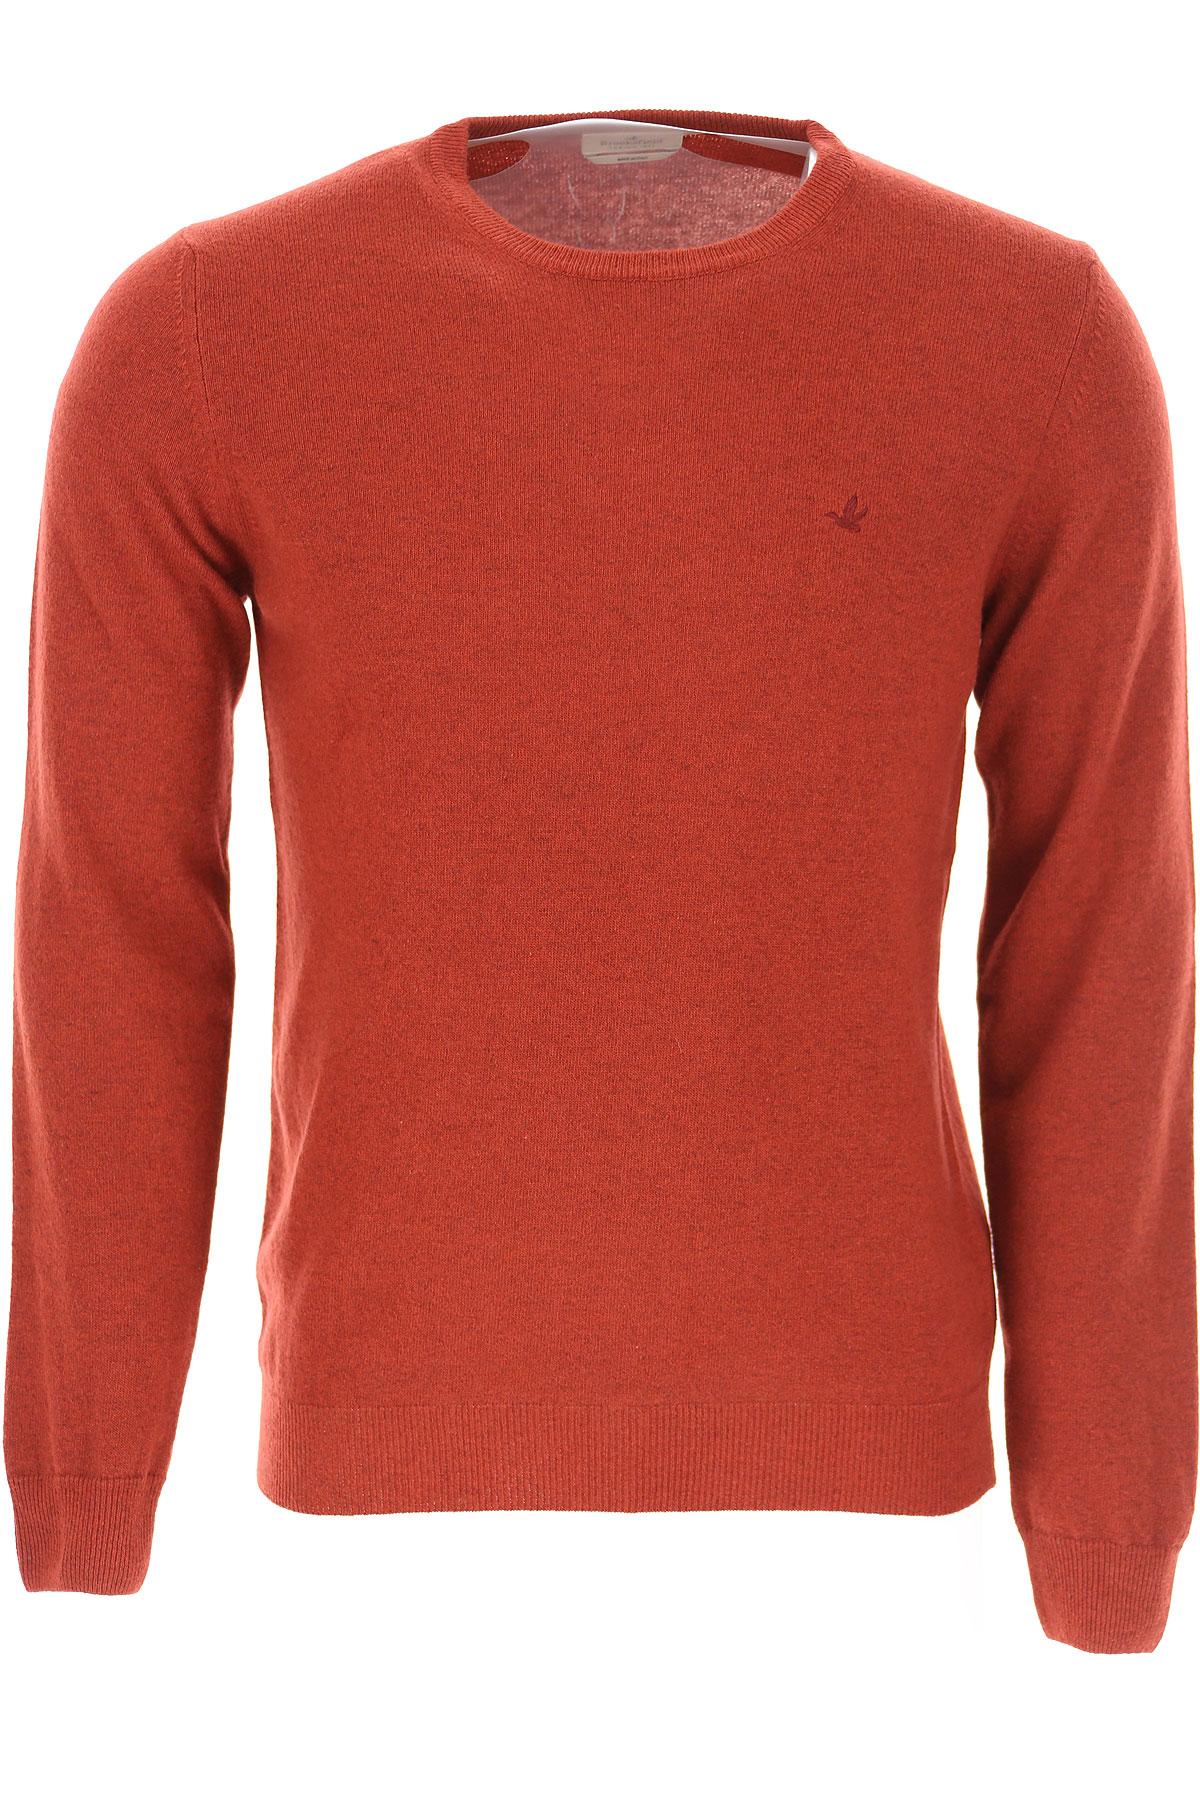 Brooksfield Sweater for Men Jumper On Sale, Berry Red, Wool, 2019, L M XL XXL XXXL